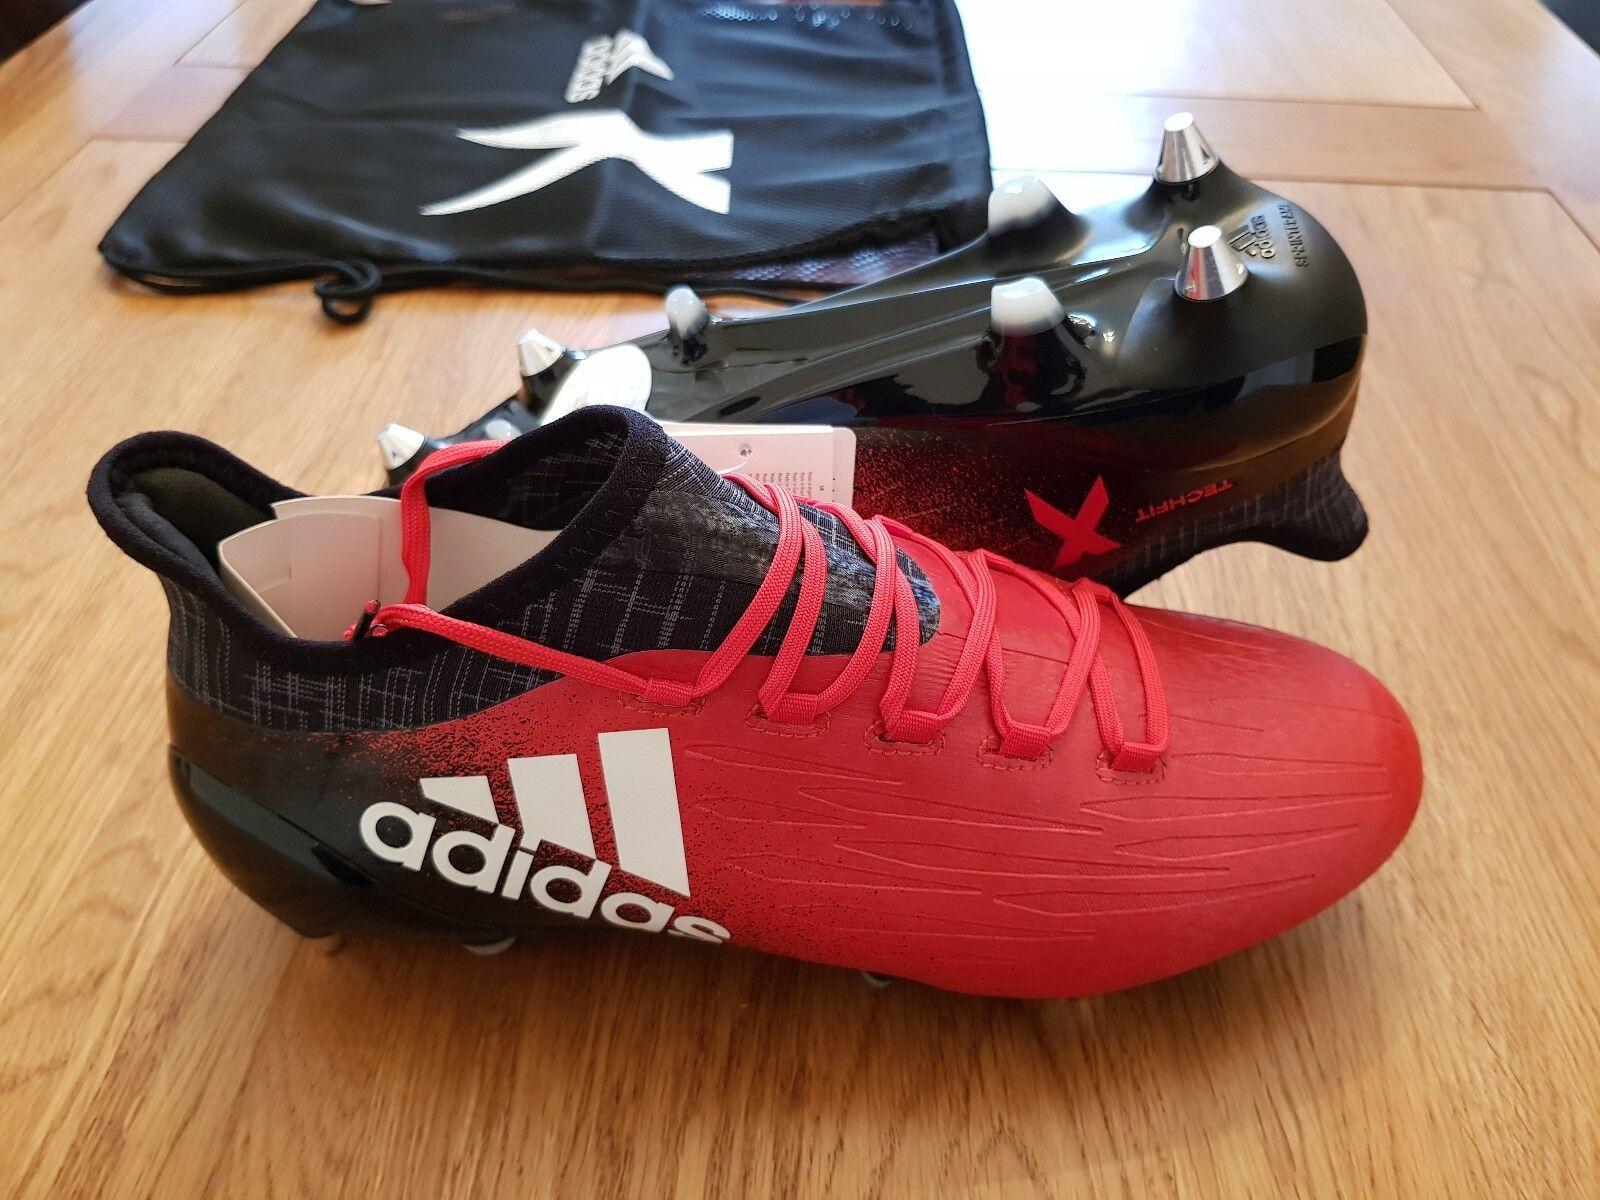 Adidas x 16.1 Terreno Morbido Stivali Sg Xtrx Nuovo Taglia 7 Rosso Nero